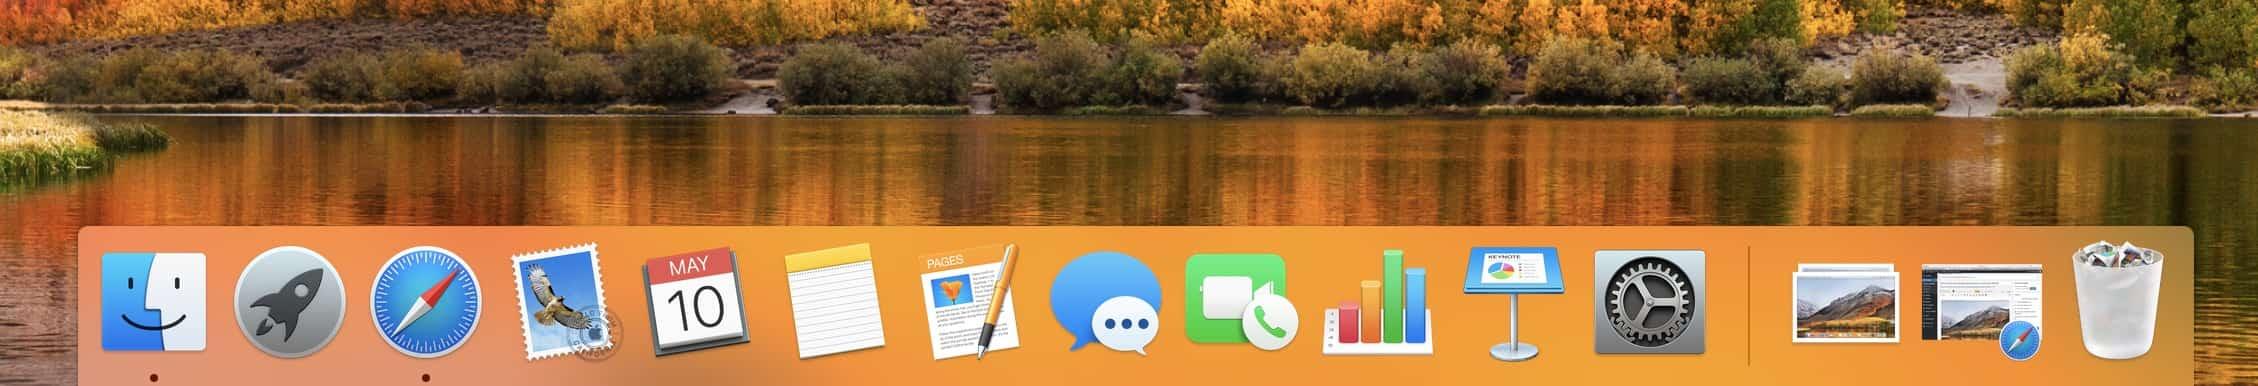 Dock Mac OS